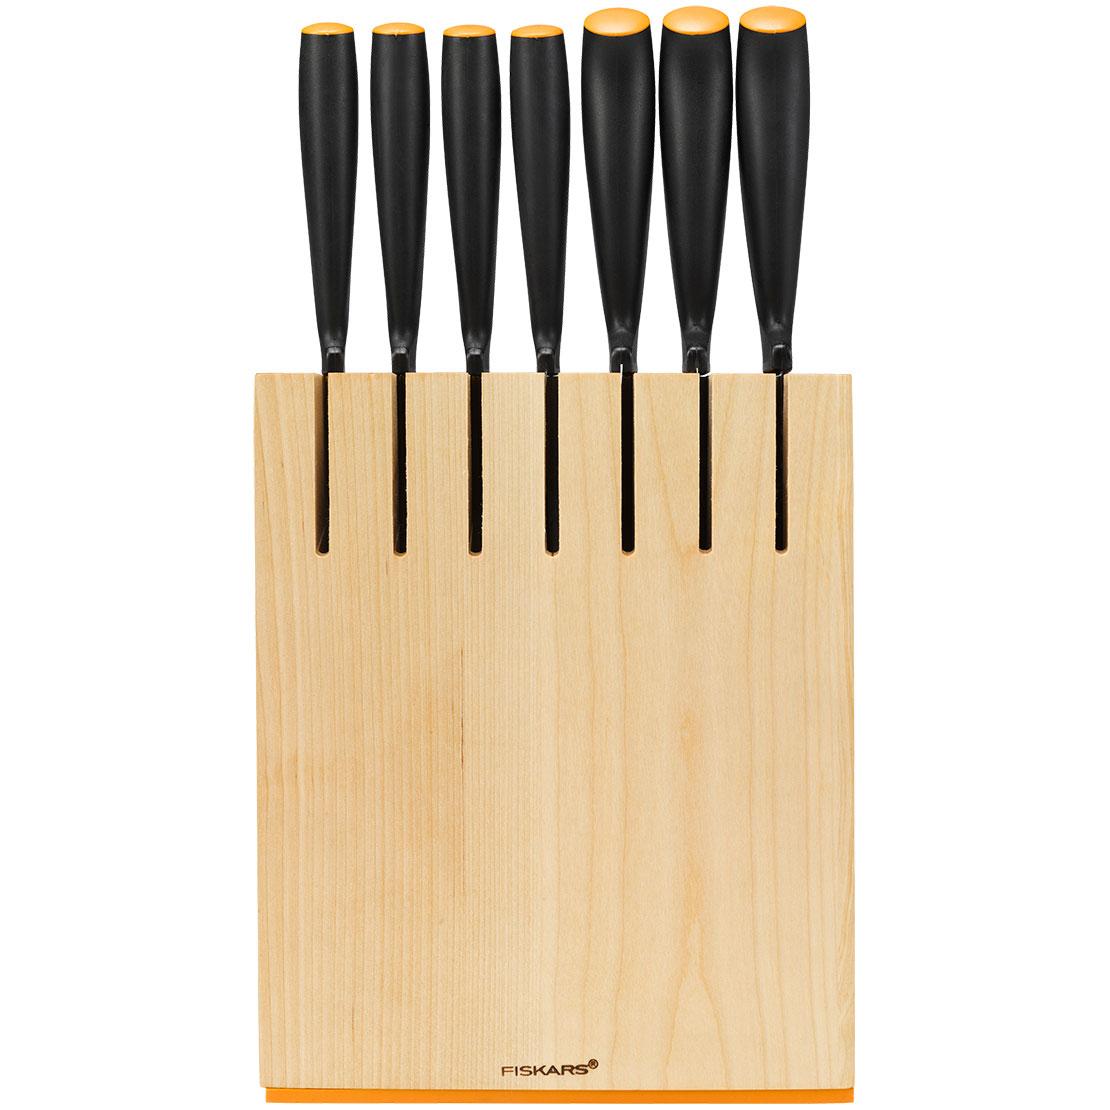 1014225-Fiskars-Knife-block-7-knives-wood.jpg